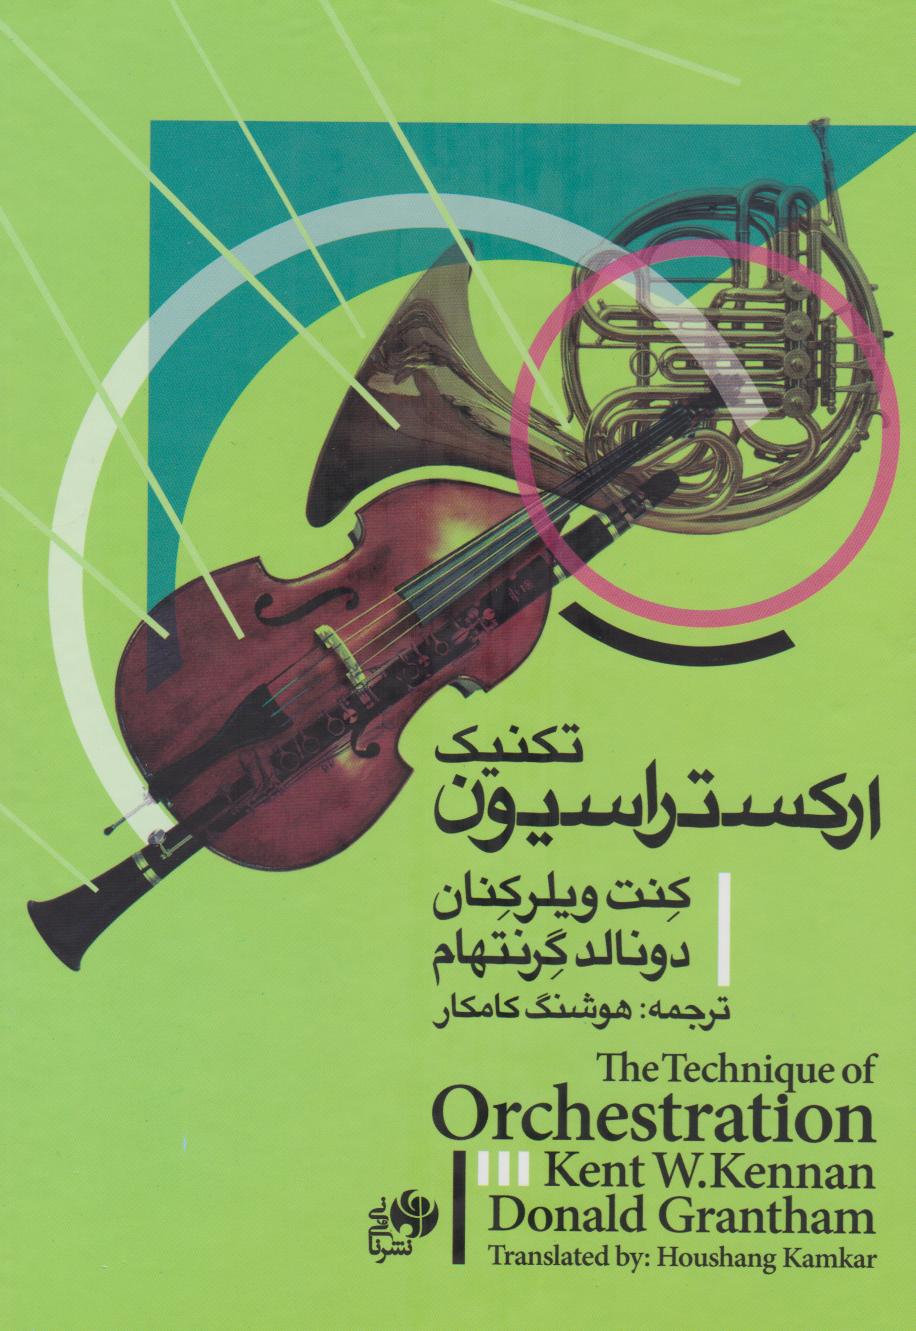 کتاب تکنیک ارکستراسیون هوشنگ کامکار انتشارات نایونی